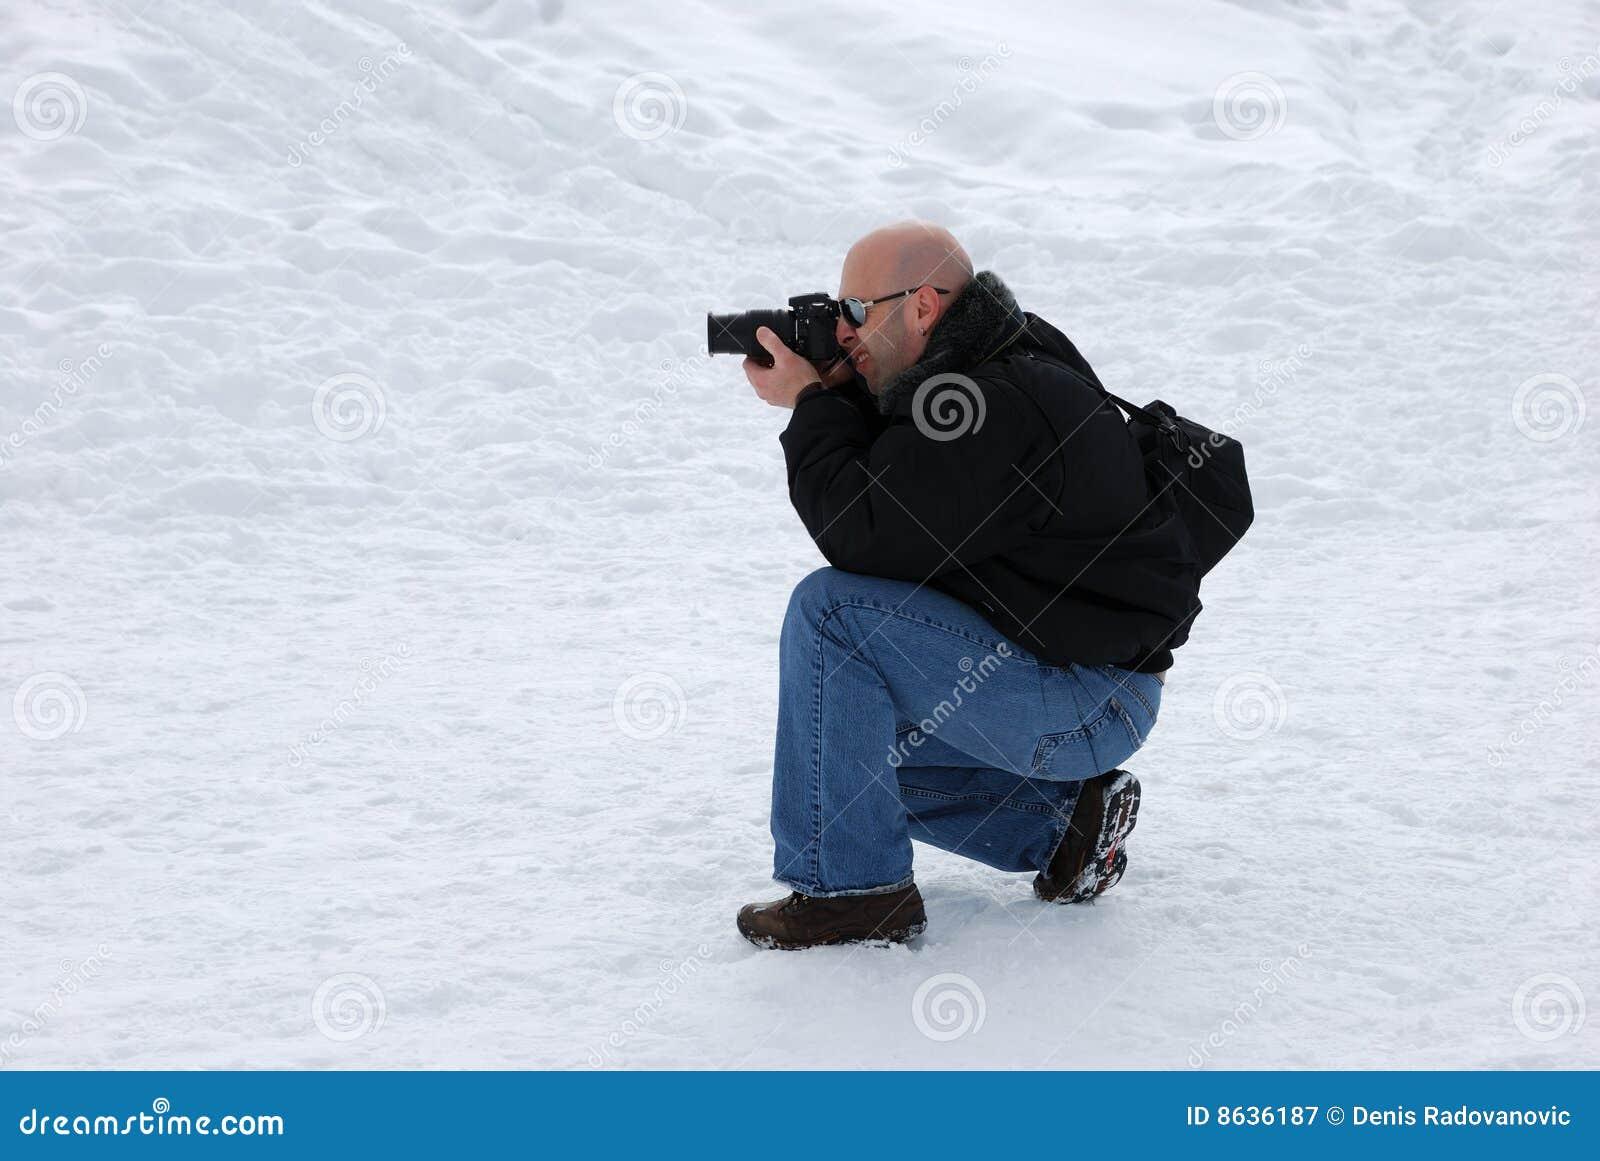 снежок стрельбы фотографа